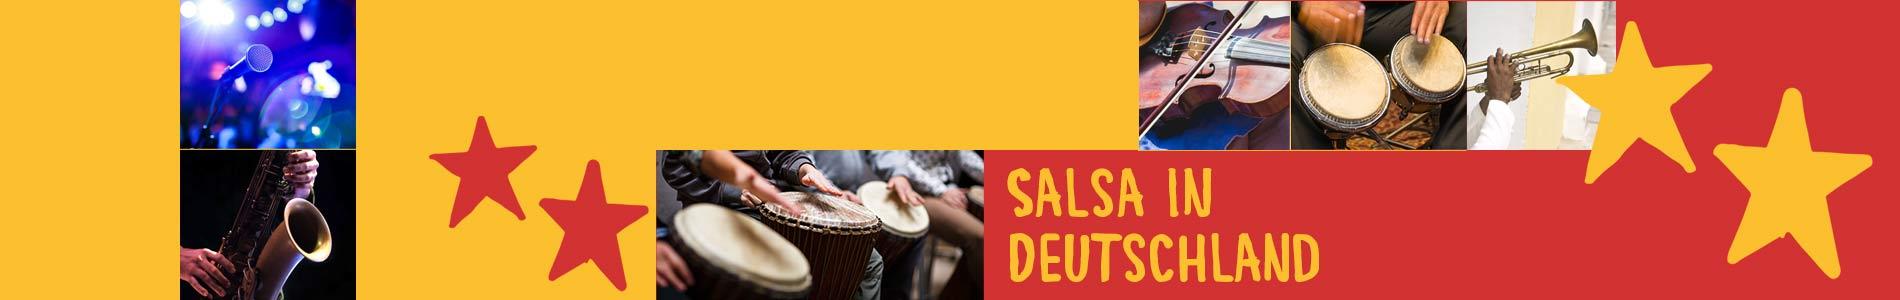 Salsa in Brekendorf – Salsa lernen und tanzen, Tanzkurse, Partys, Veranstaltungen